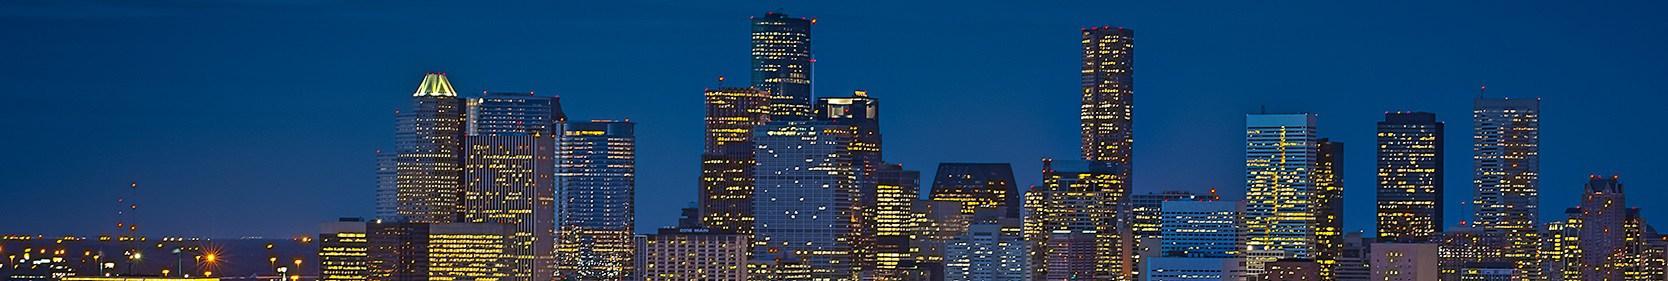 Katy - Houston Skyline